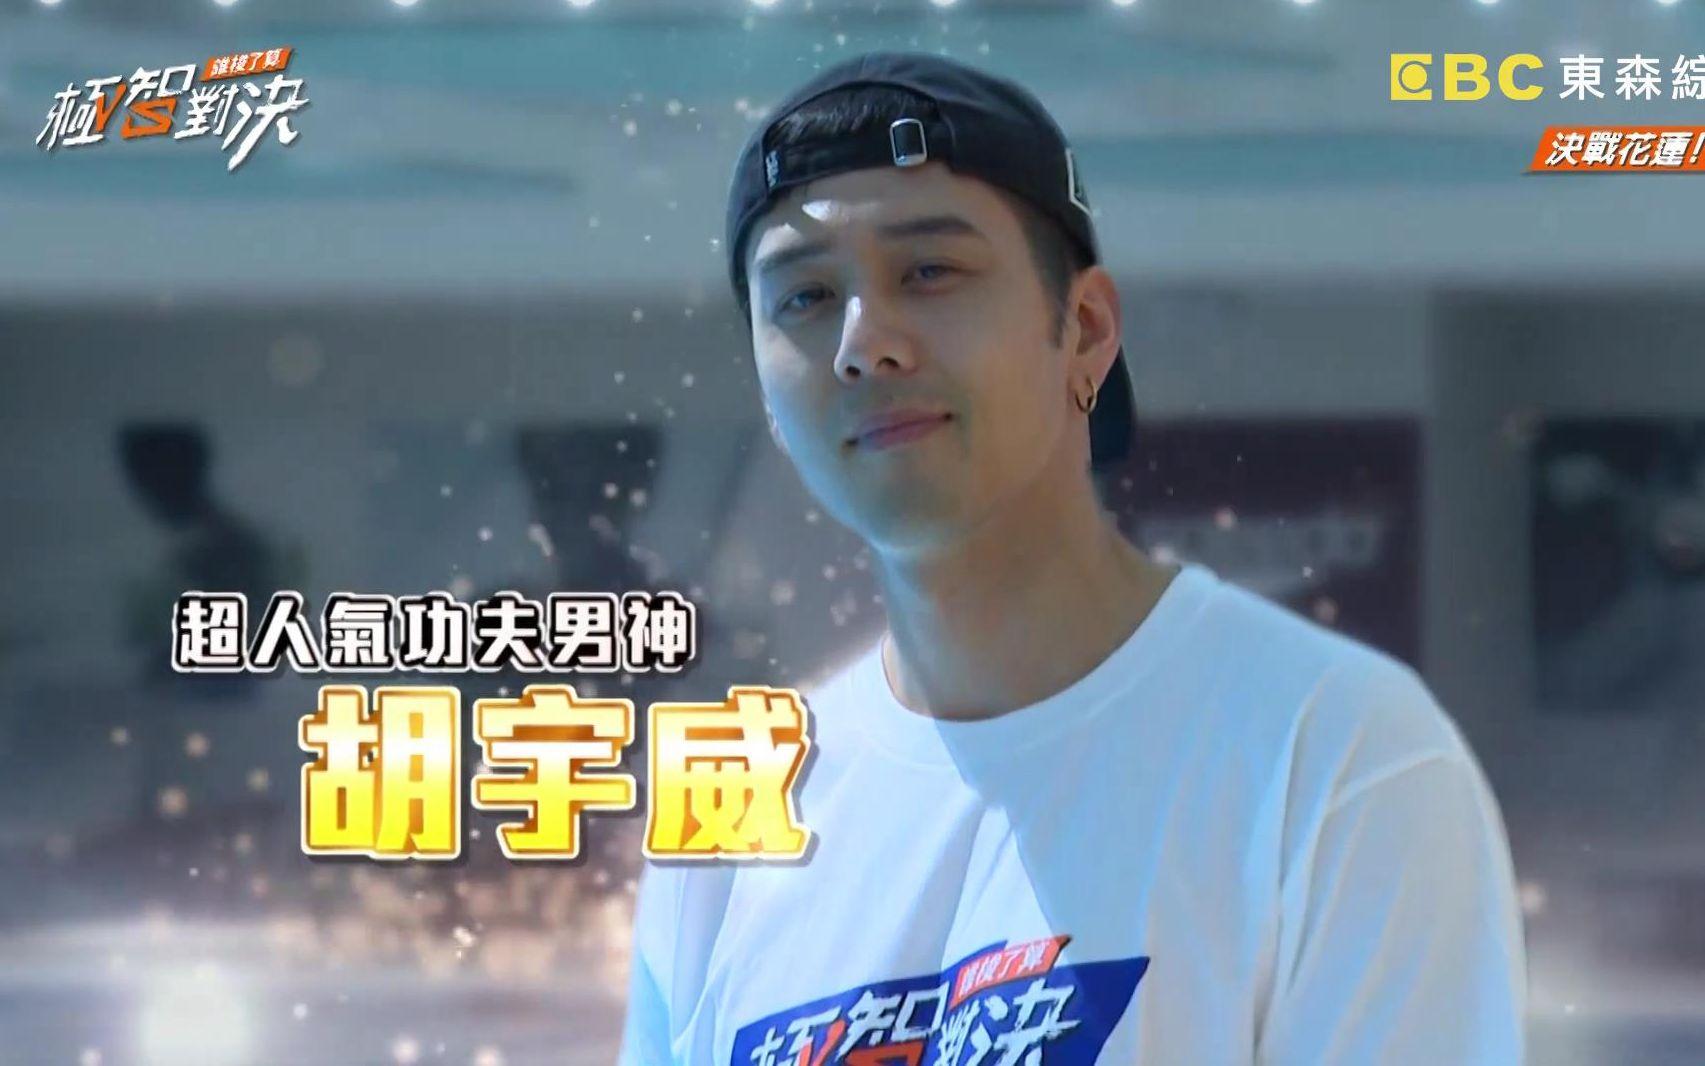 【胡宇威】2020/06/20 綜藝-極智對決誰梭了算